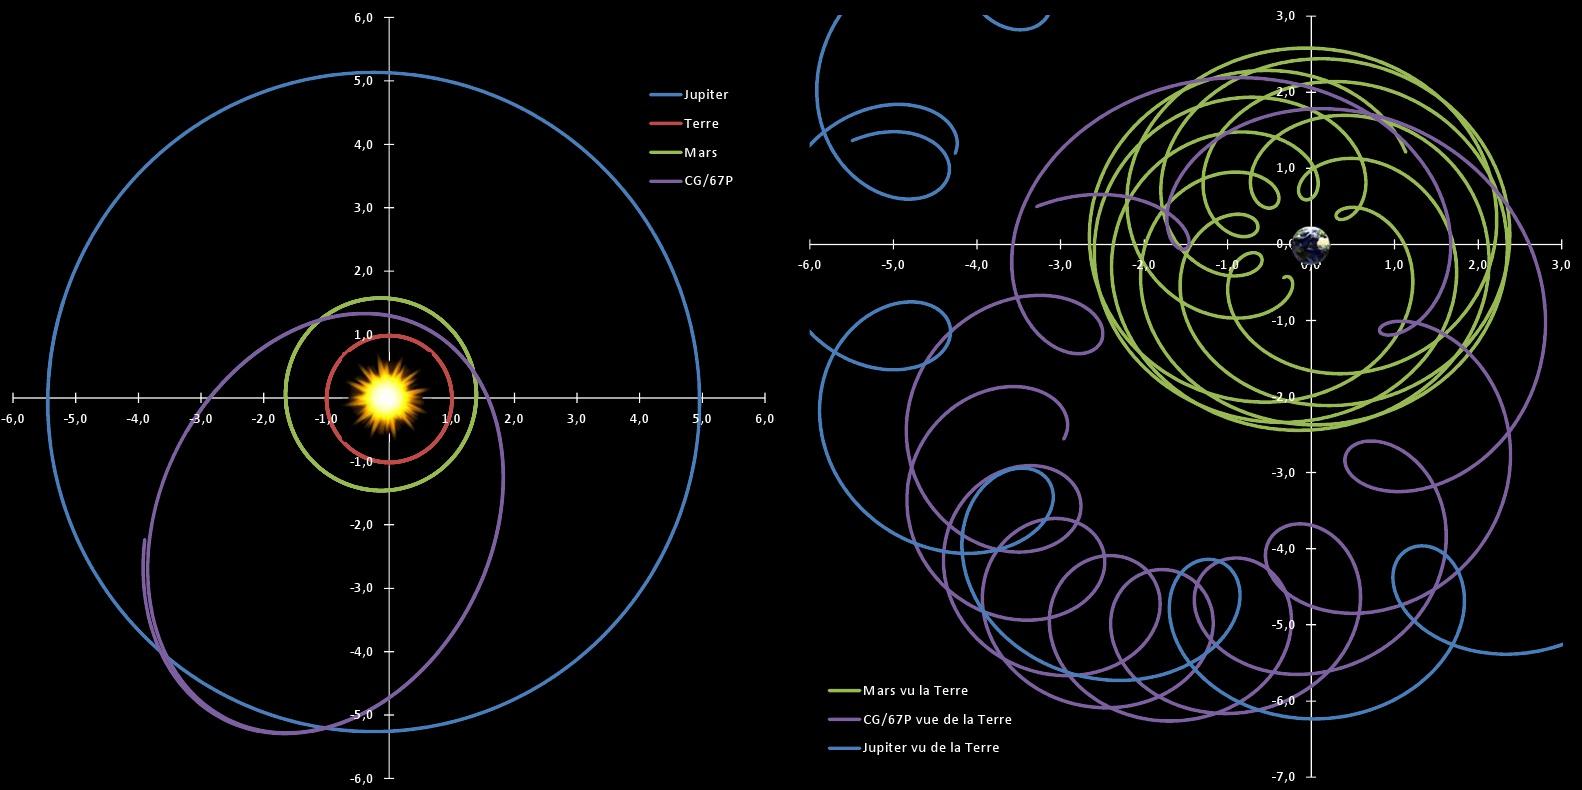 Mouvement des planètes et des comètes - Repère soleil et repère Terre - Mars - Jupiter - C-G/67P